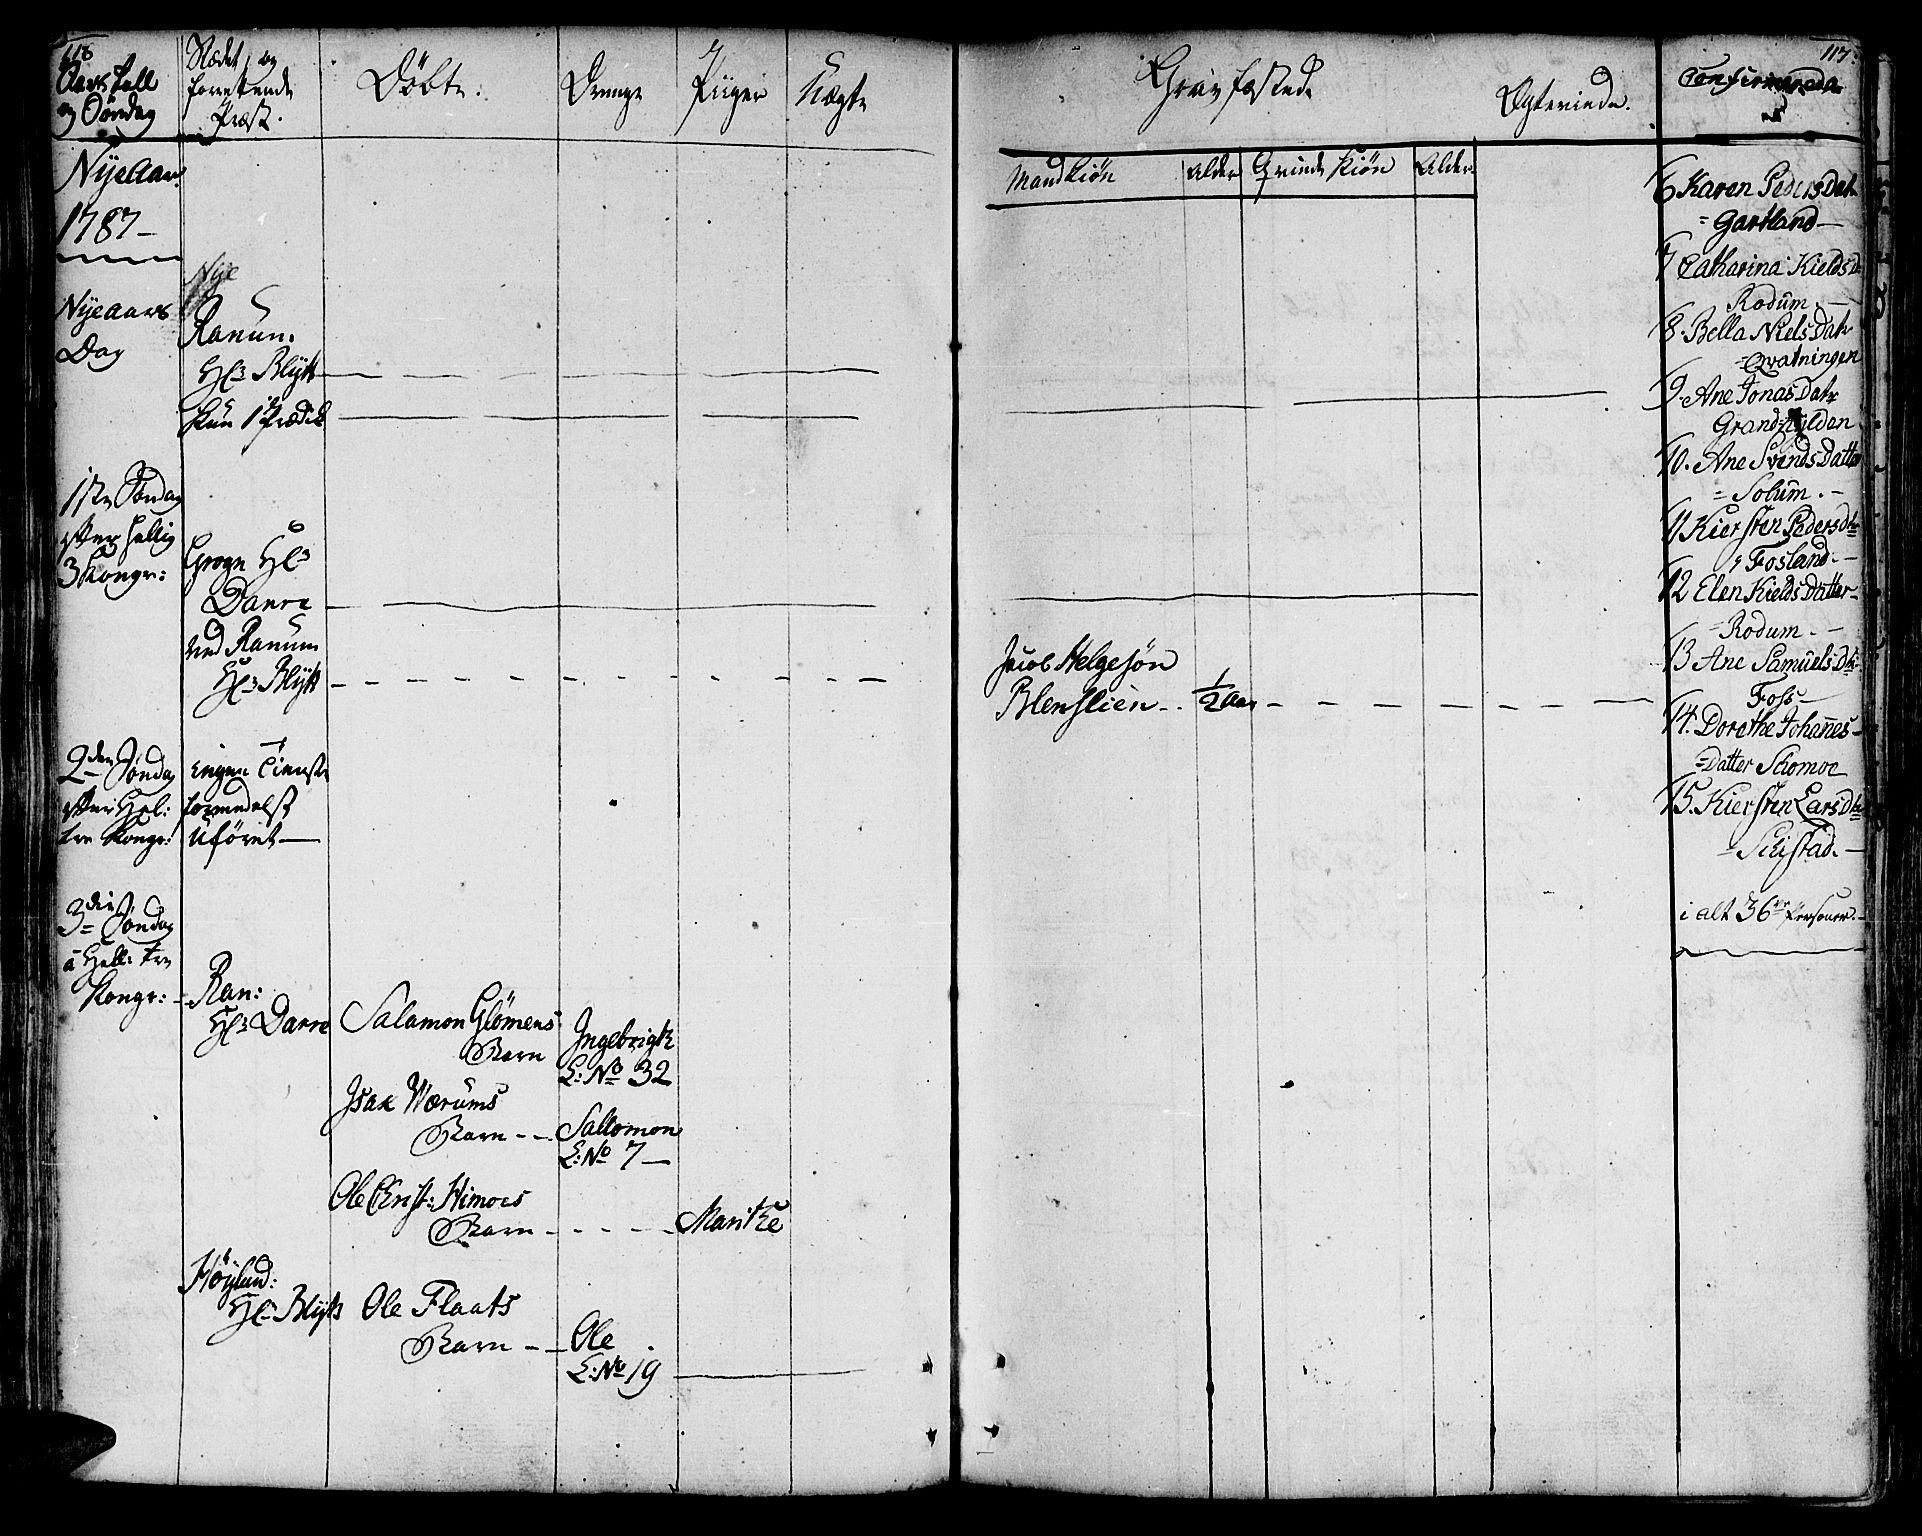 SAT, Ministerialprotokoller, klokkerbøker og fødselsregistre - Nord-Trøndelag, 764/L0544: Ministerialbok nr. 764A04, 1780-1798, s. 116-117